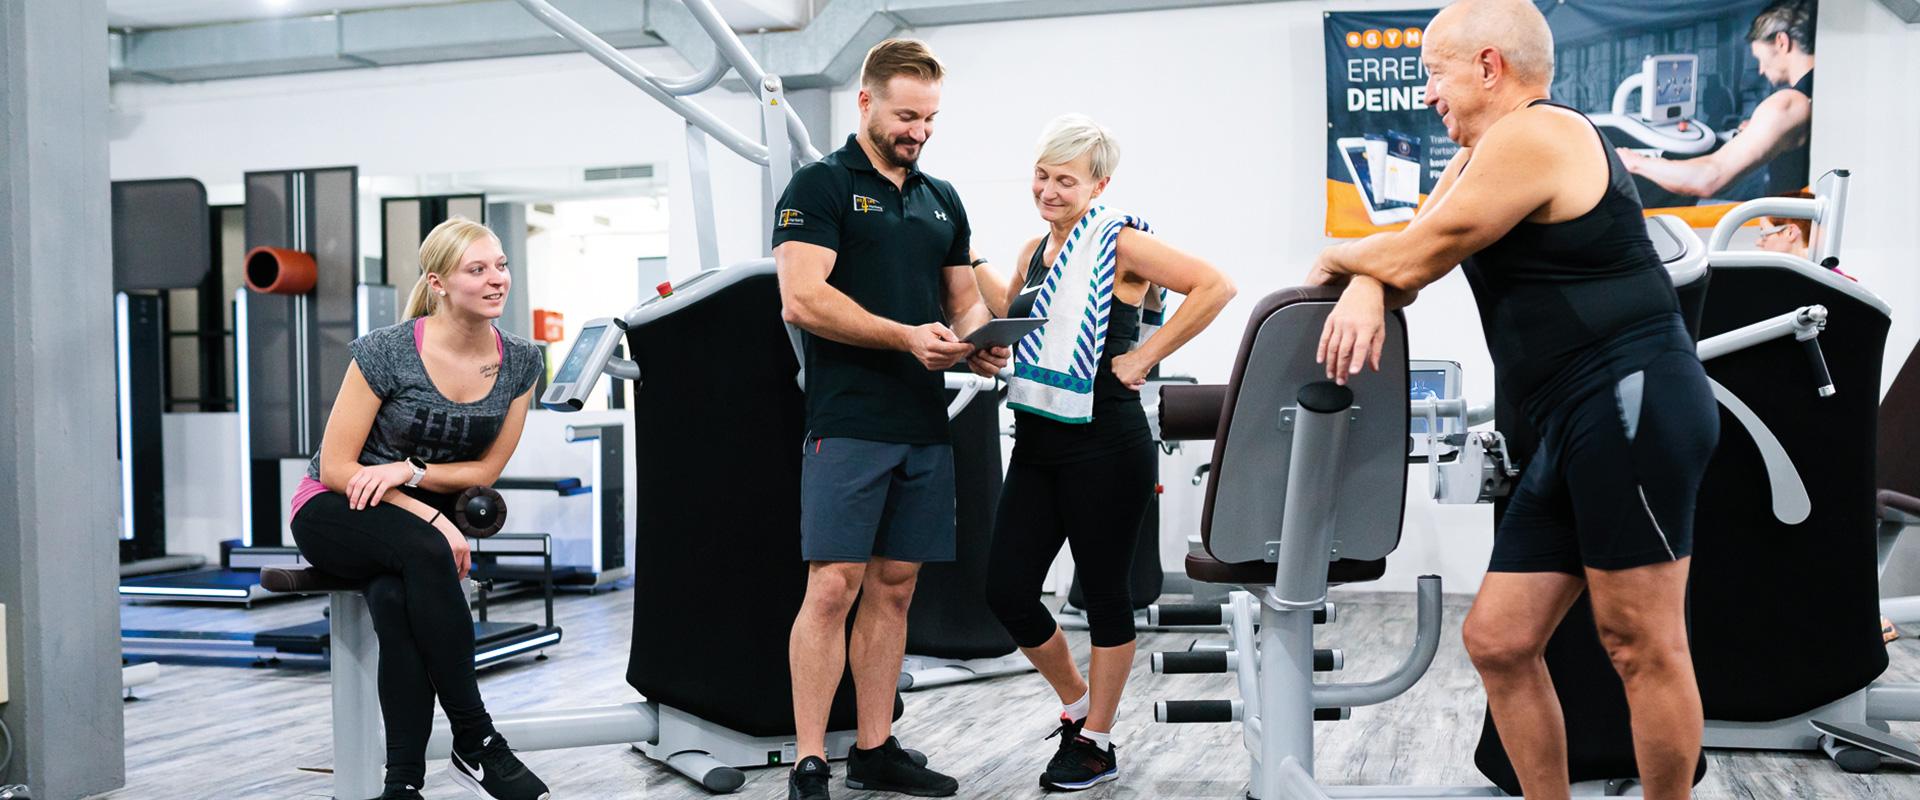 Fitnessstudio Hartberg Gruppe